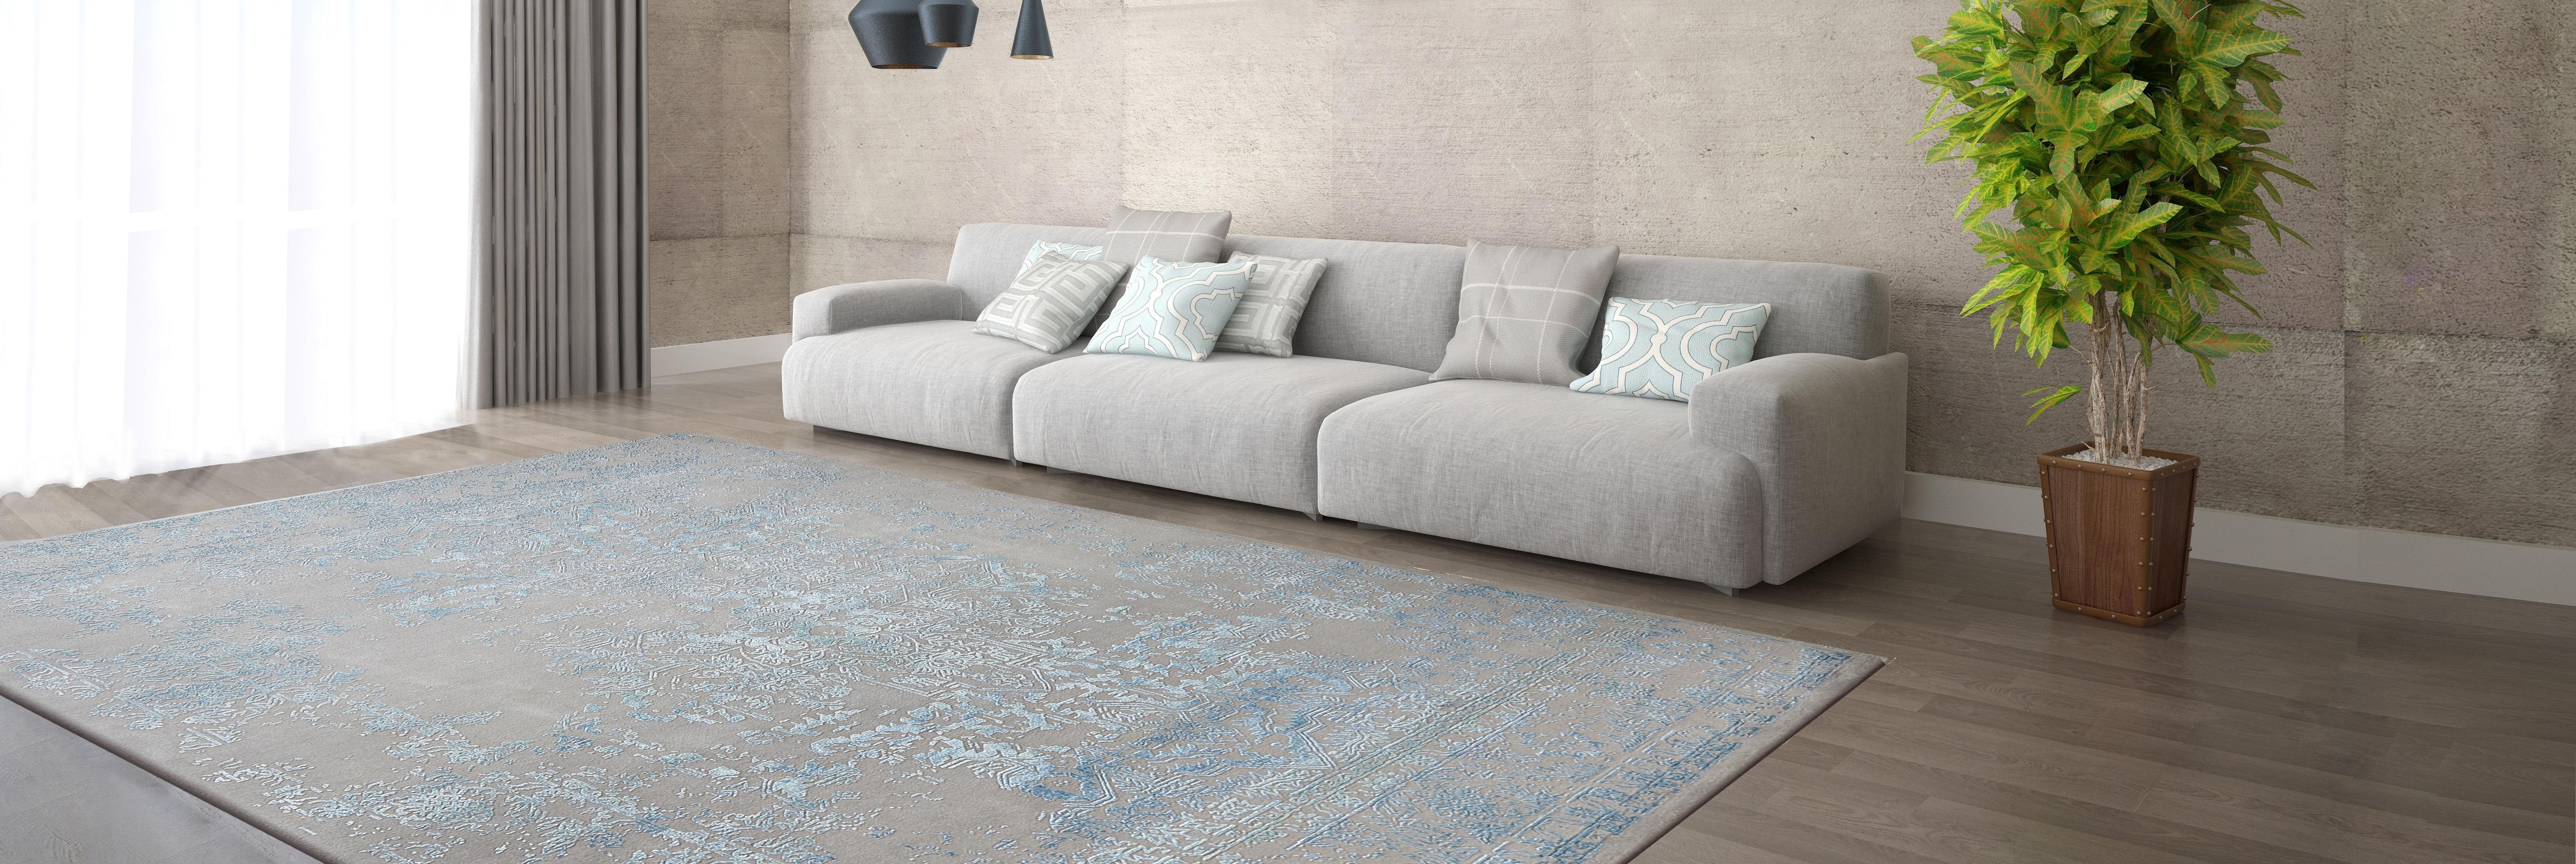 Wir liefern Ihnen Ihren Wunschteppich nach Hause, gerne auch eine Auswahl damit Sie sich in Ruhe den schönsten aussuchen können